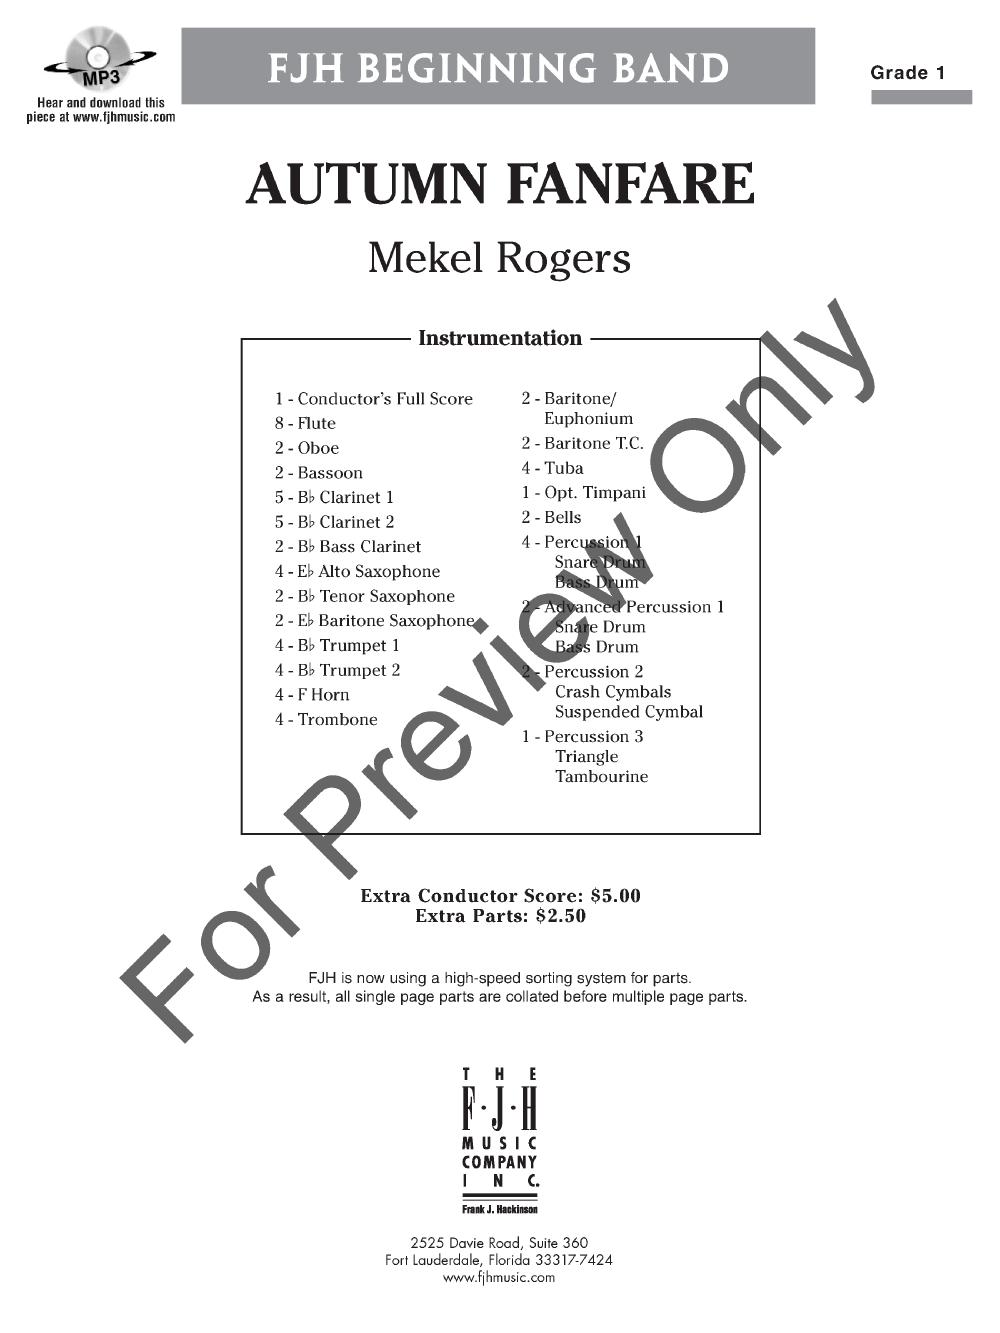 Autumn Fanfare by Mekel Rogers| J.W. Pepper Sheet Music